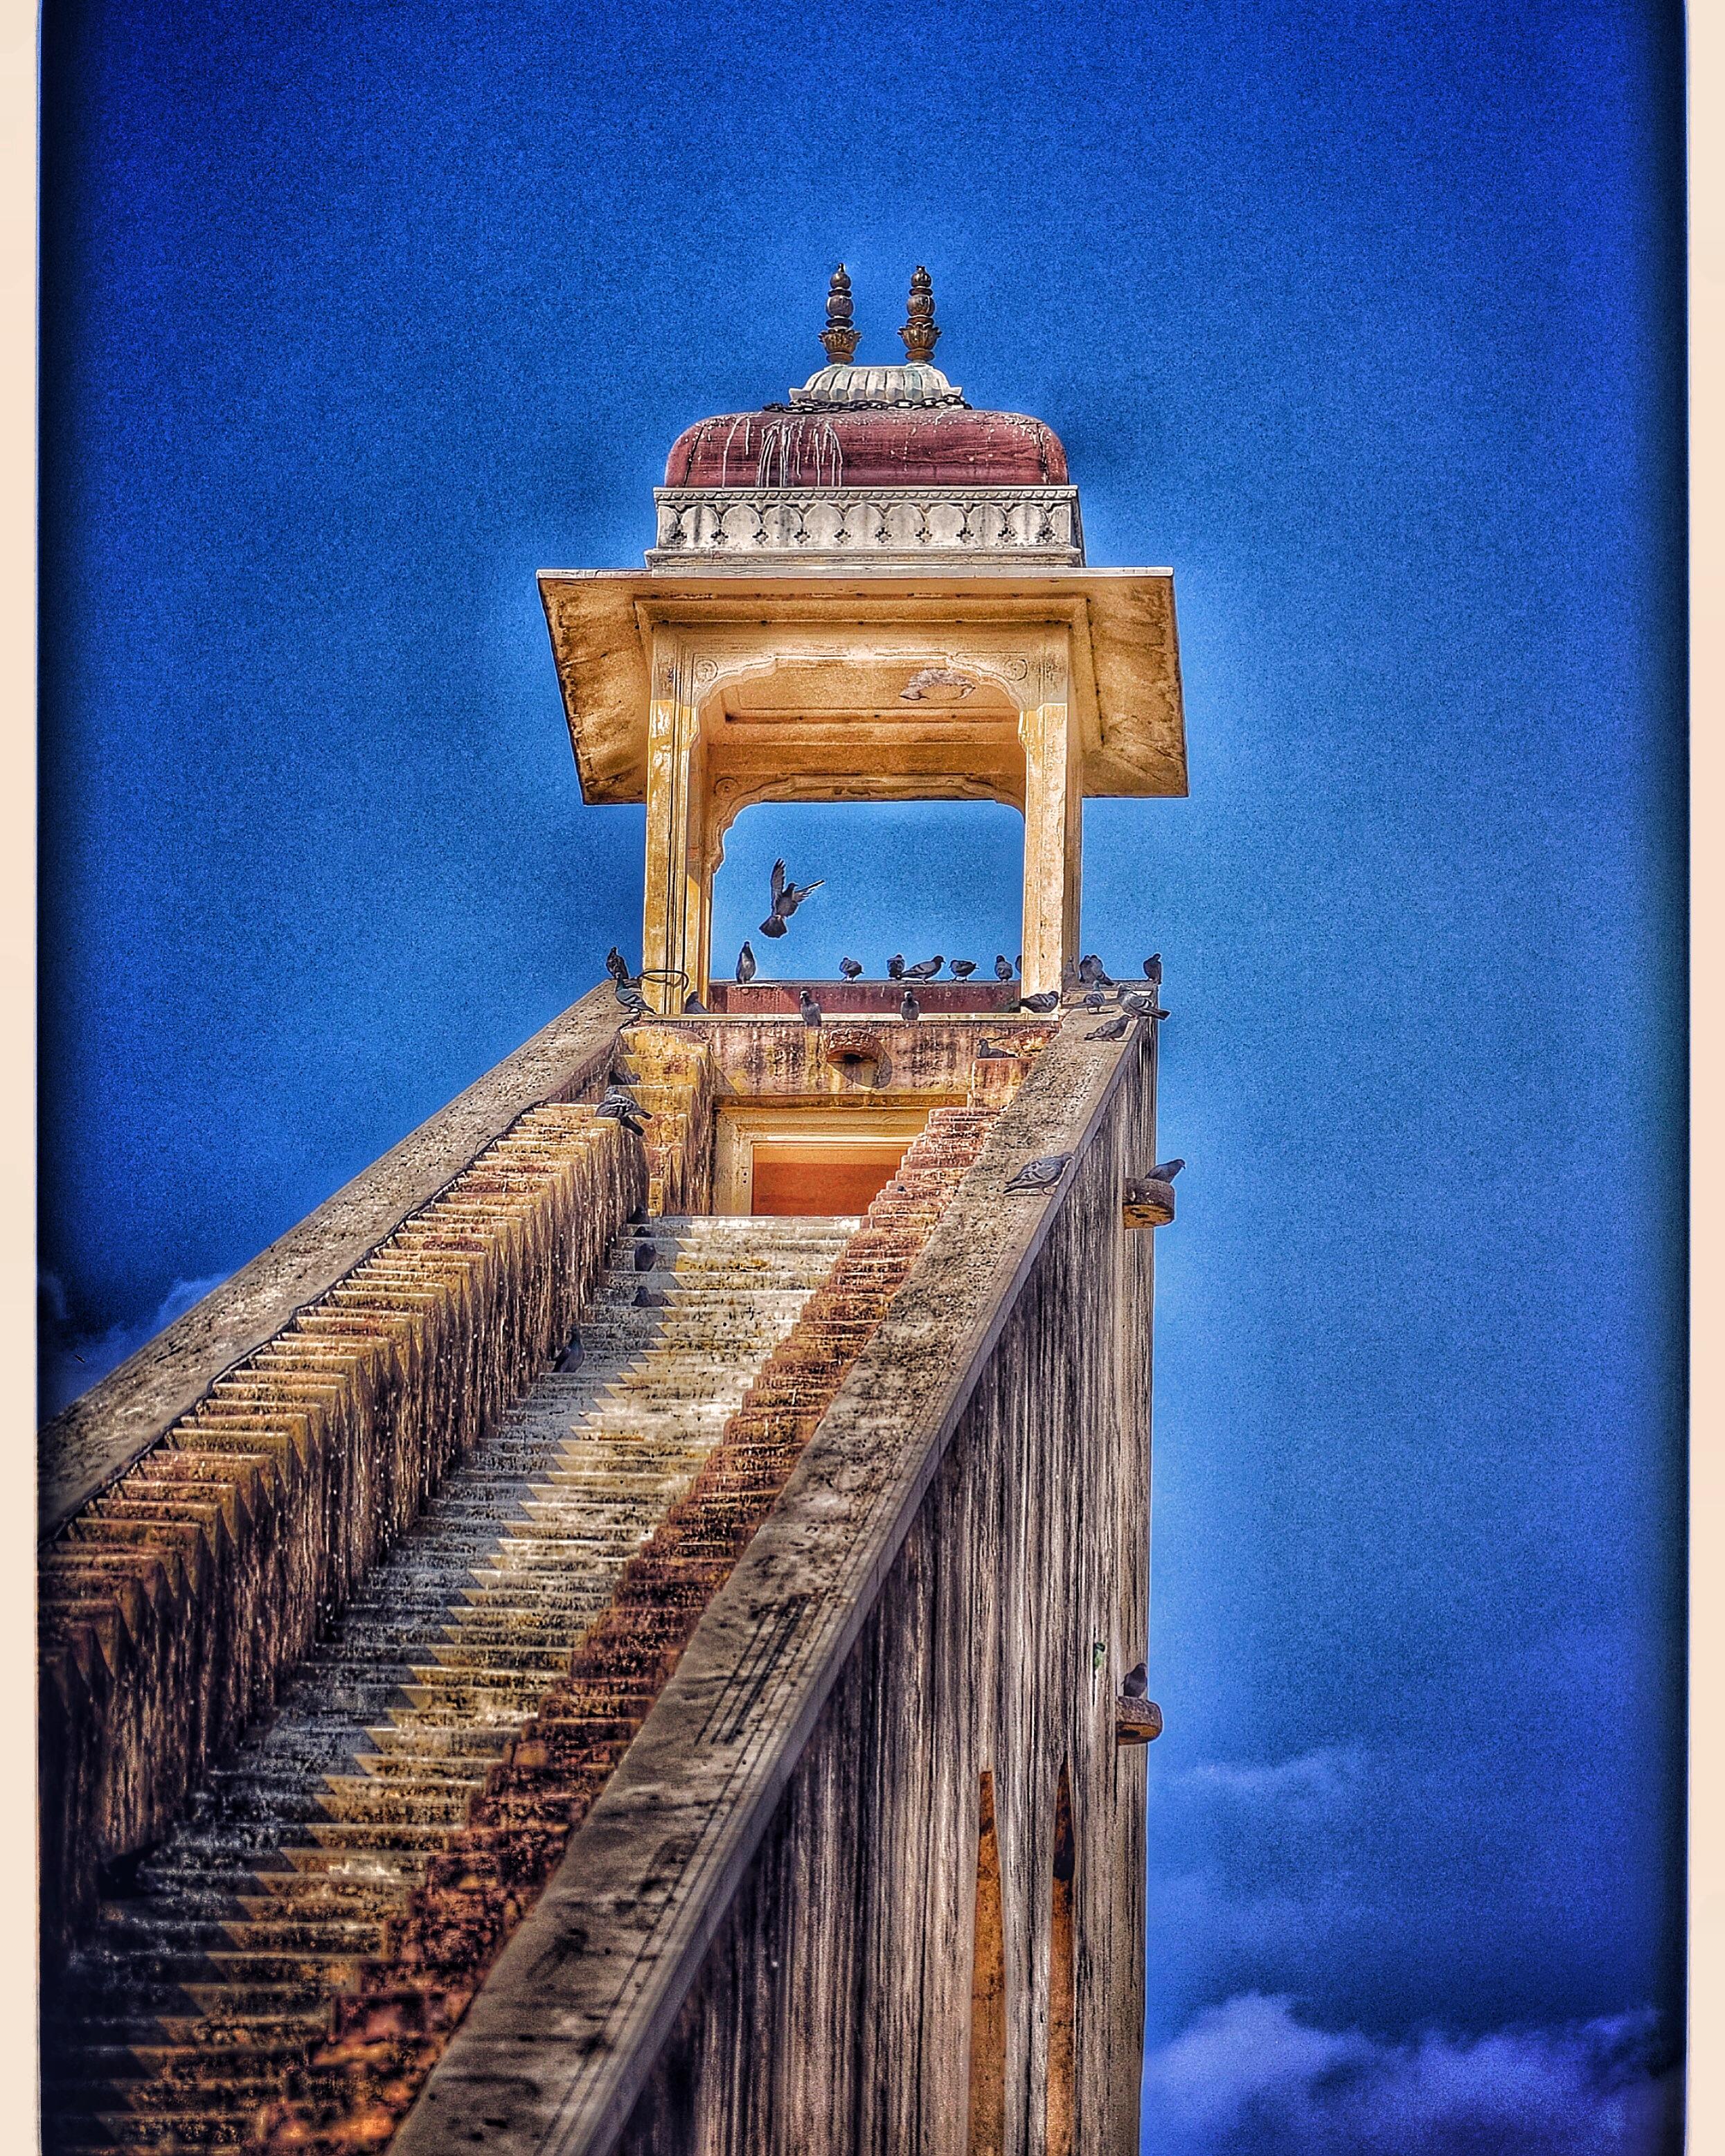 Stairway to Heaven, Jantar Mantar, Jaipur